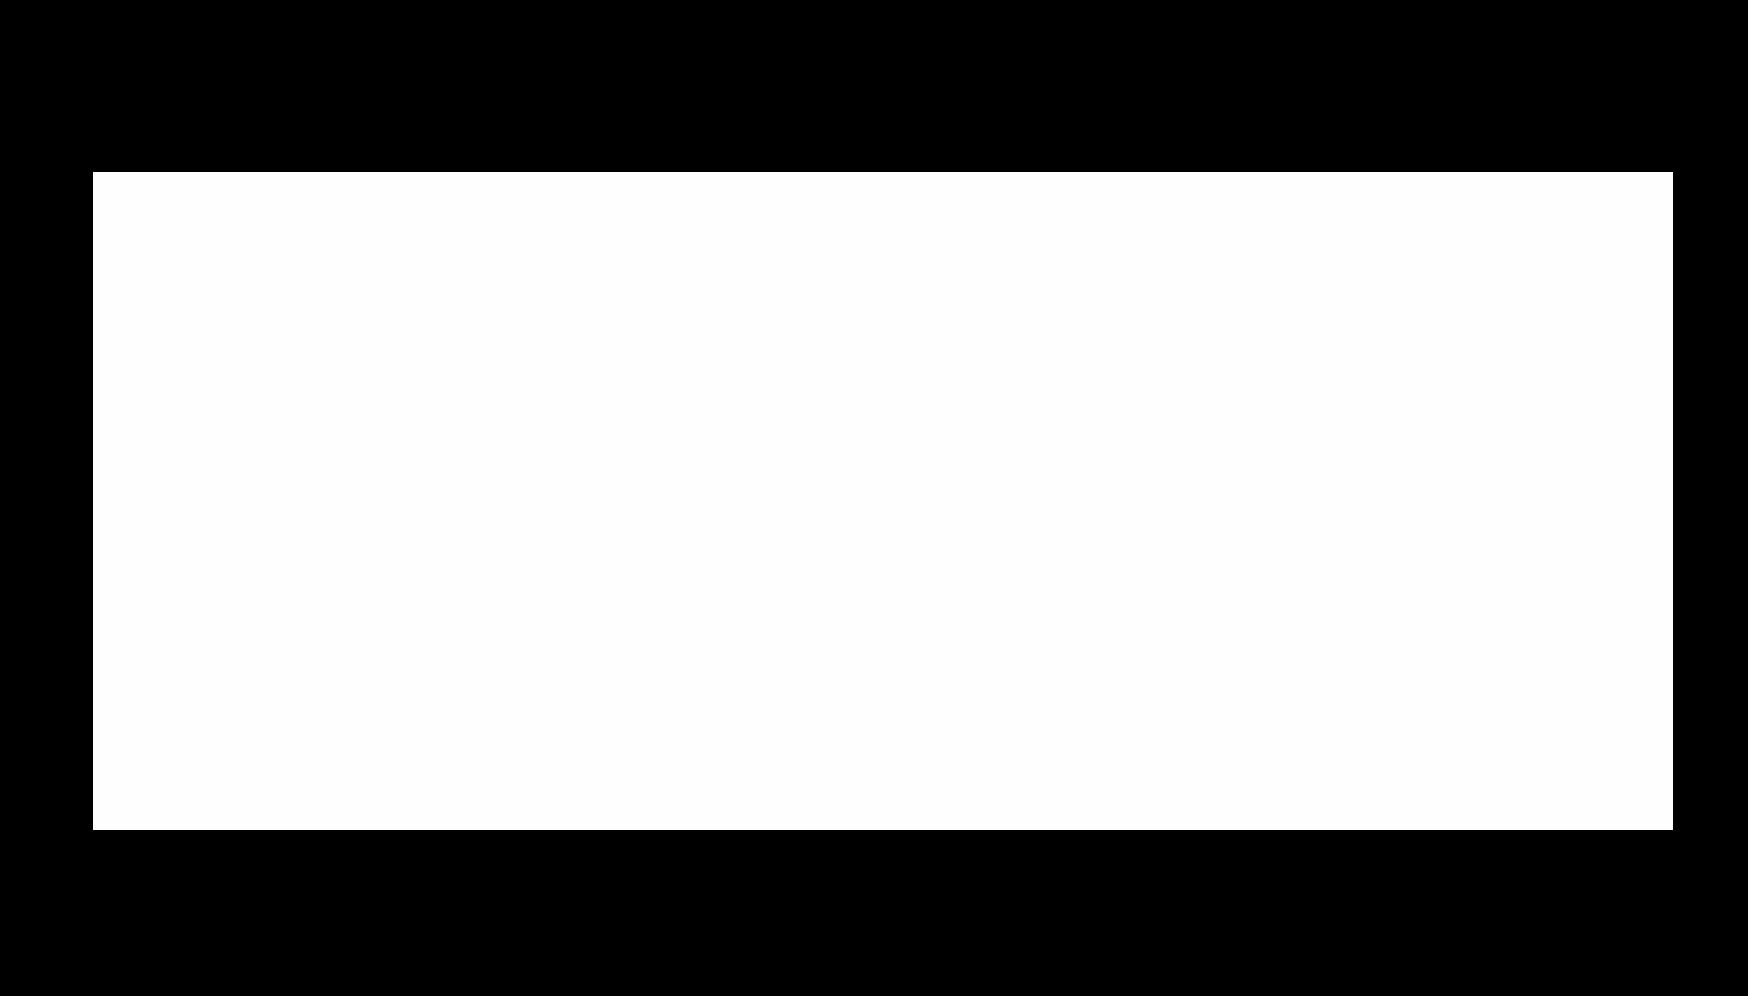 Dansk iværsætter forening logo